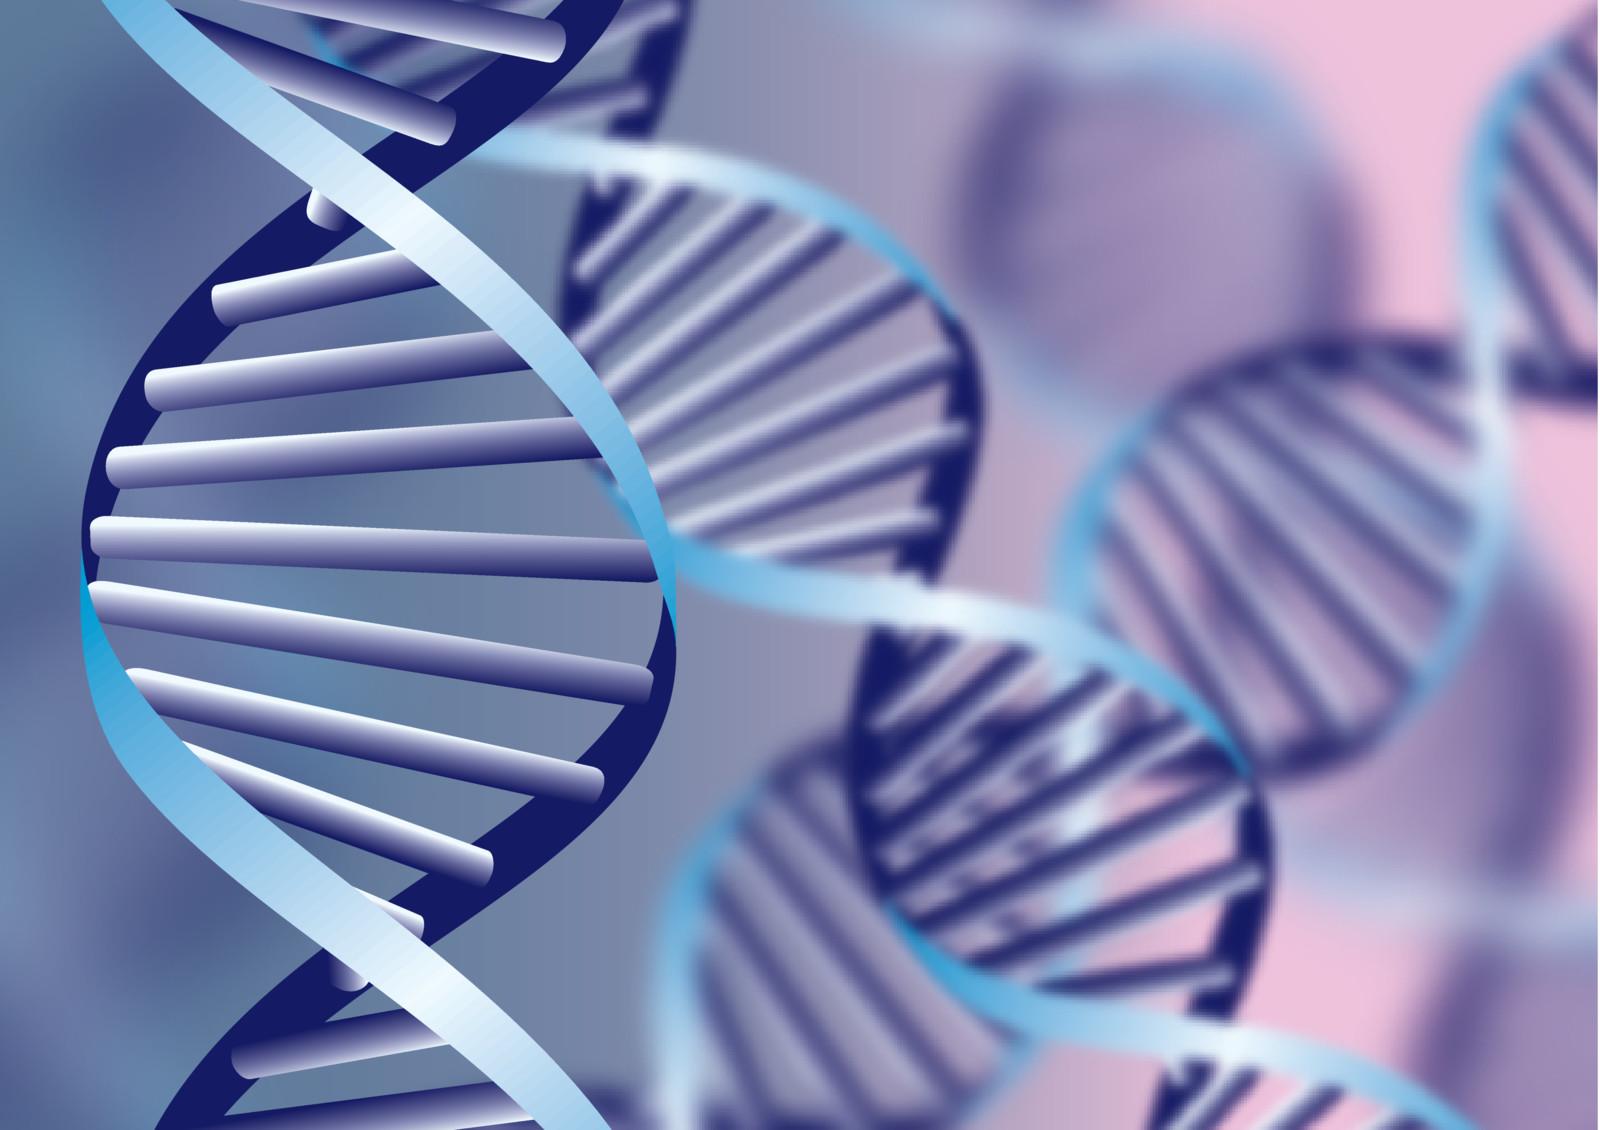 【Python DEAPライブラリの使い方】遺伝的アルゴリズム(GA)のわかりやすい解説と超簡単な関数の最大・最小化問題とナップサック問題を解く